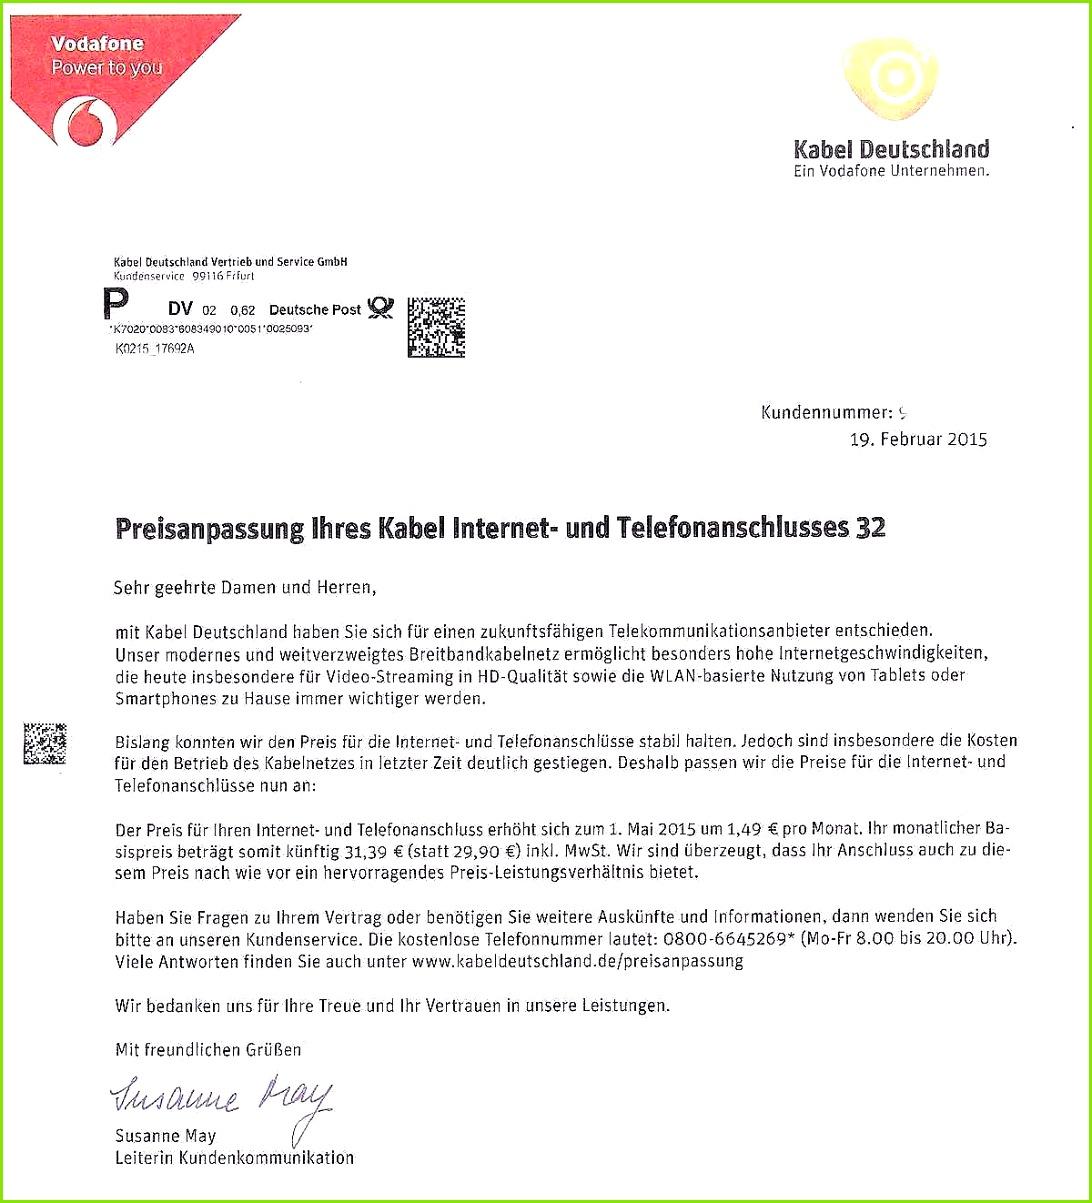 Sonderkündigung Dsl Zu Langsam Vorlage Großen Kabel Deutschland Außerordentliche Kündigung Vorlage